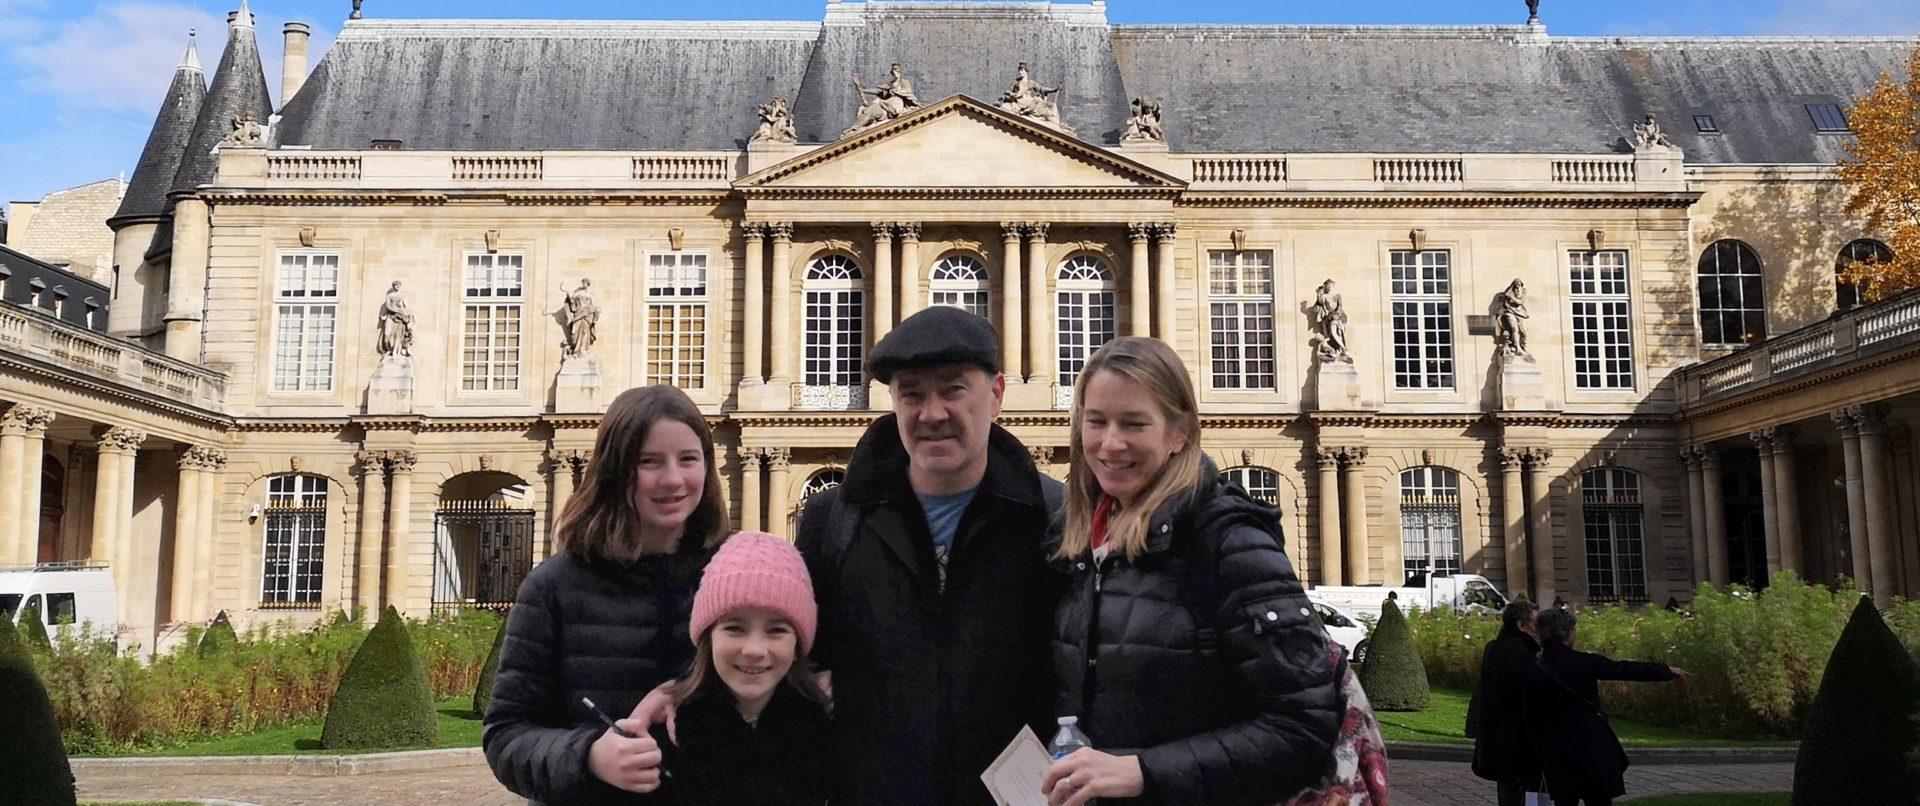 kids-tour-marais-medieval-paris-private